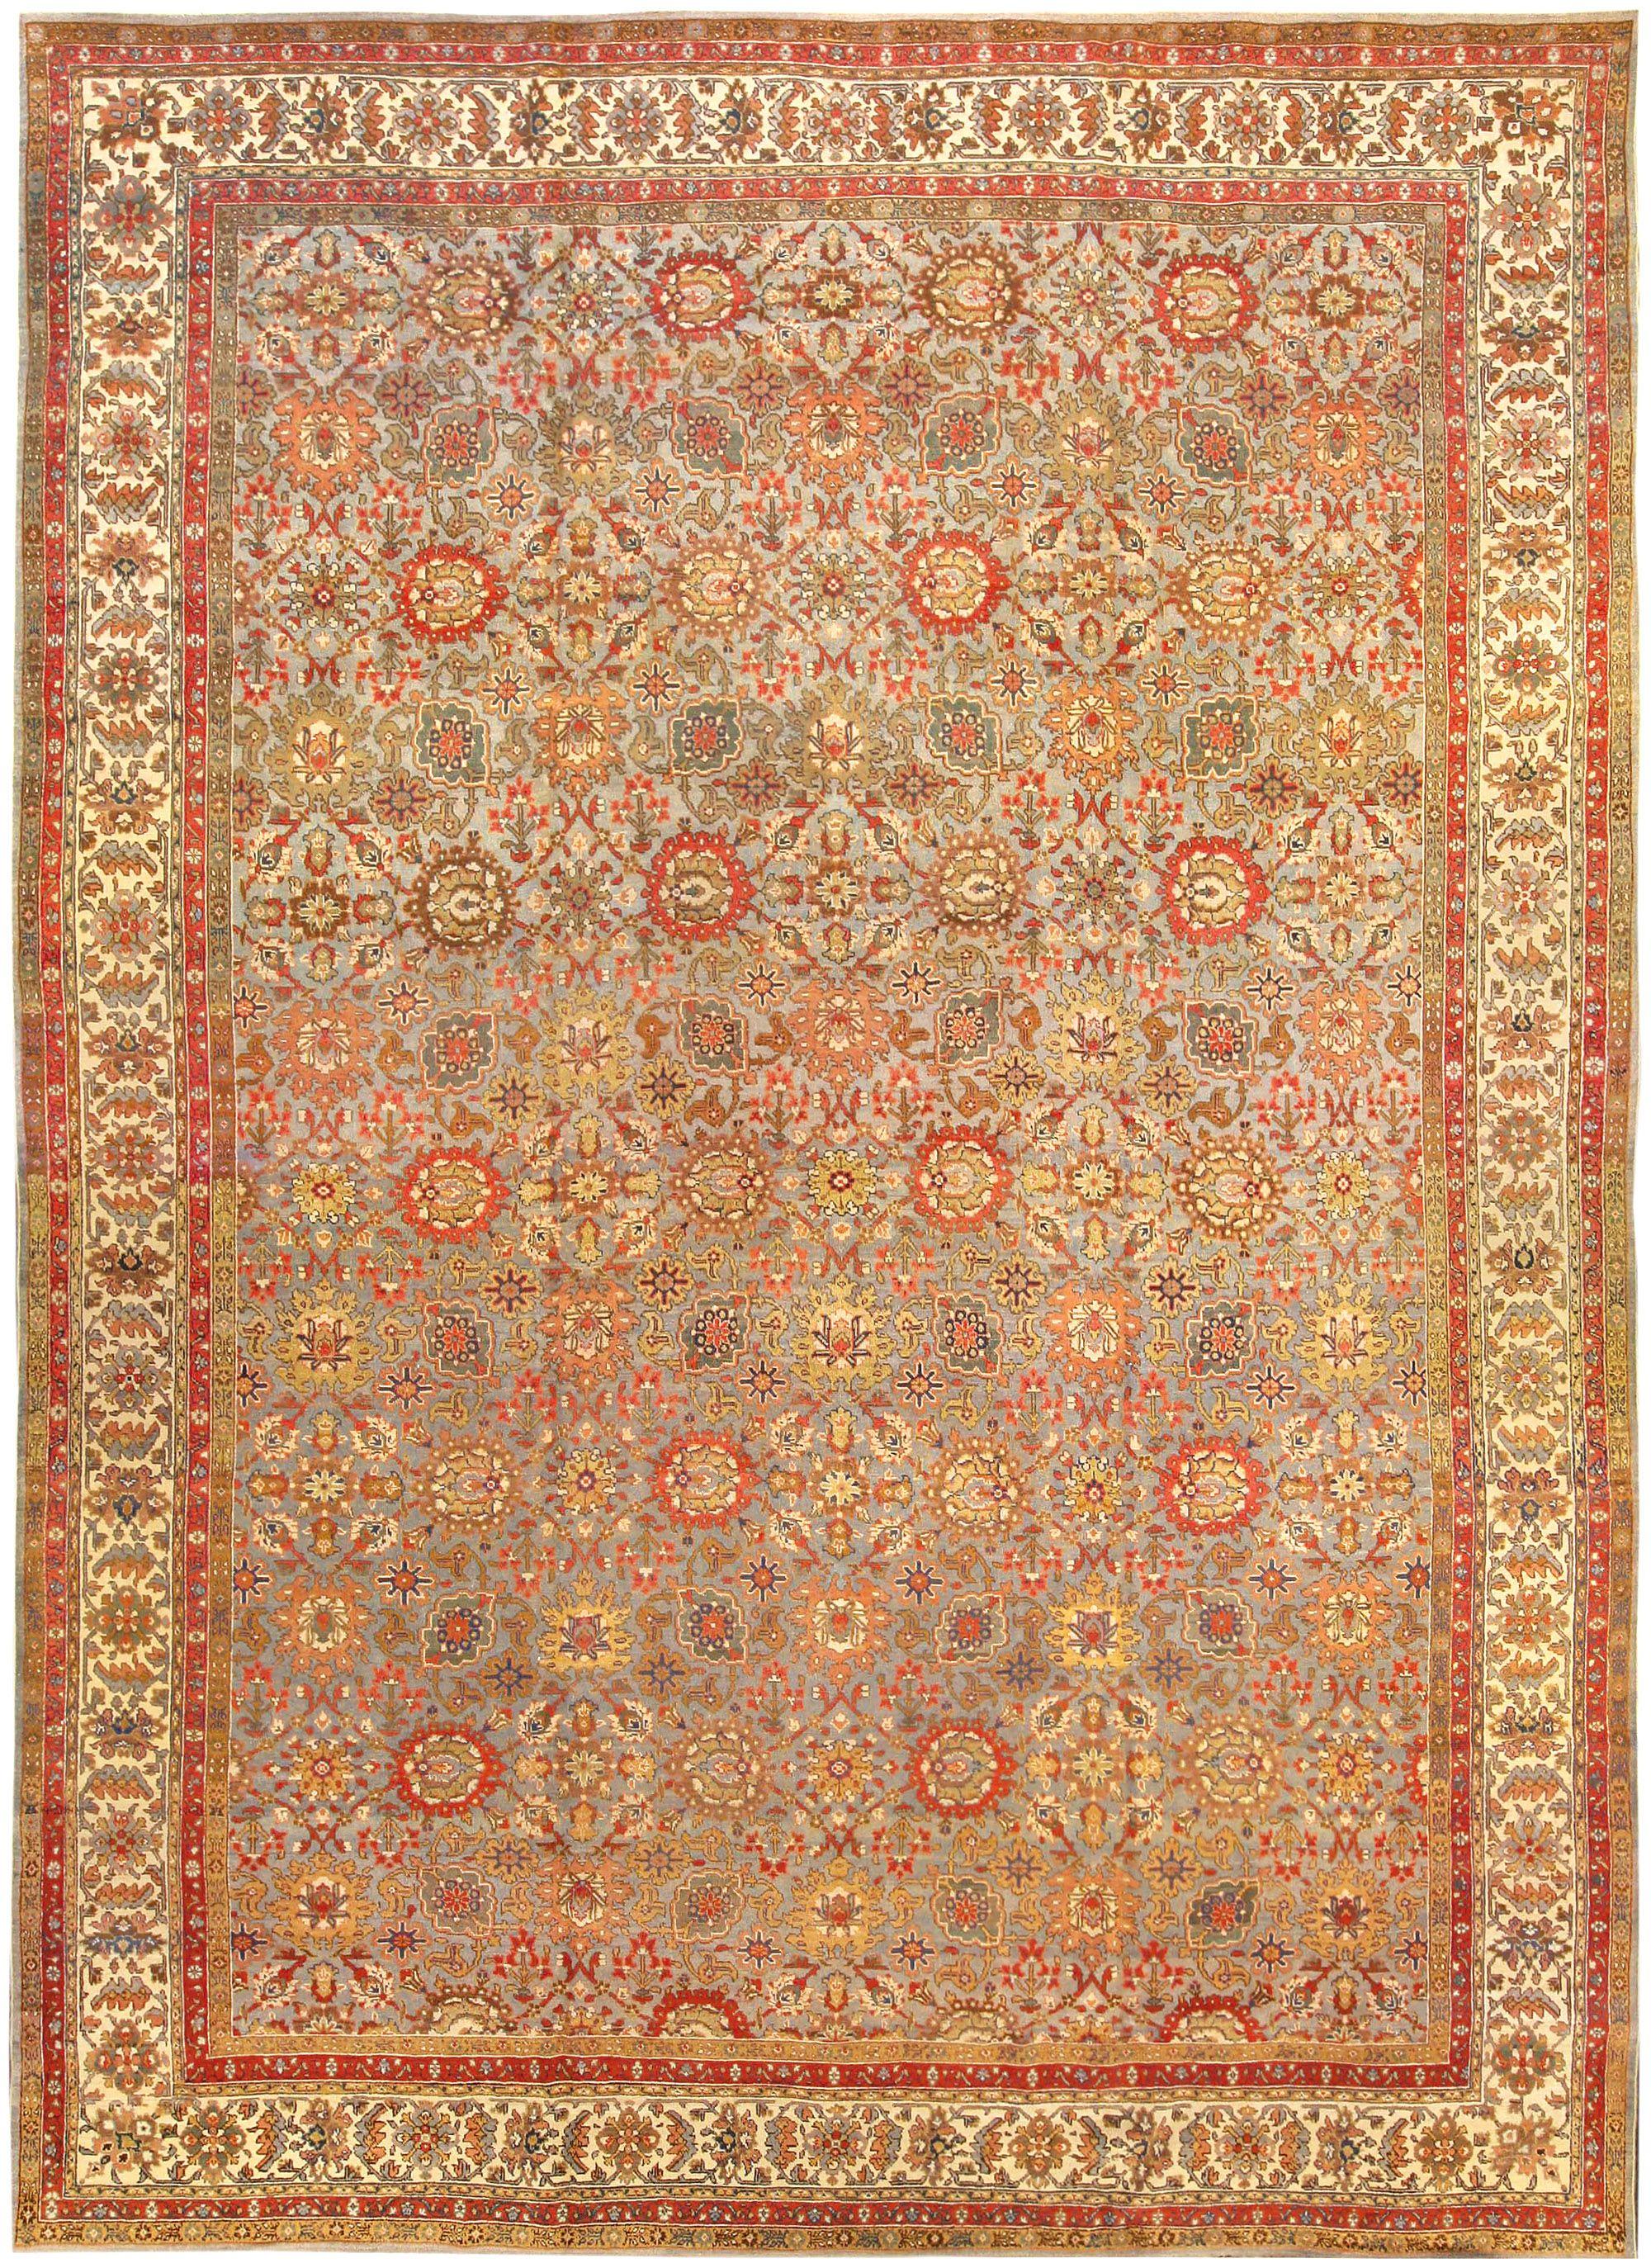 Antique Persian Tabriz Carpet Bb7208 By Dlb Tabriz Rug Antique Persian Rug Persian Tabriz Rug